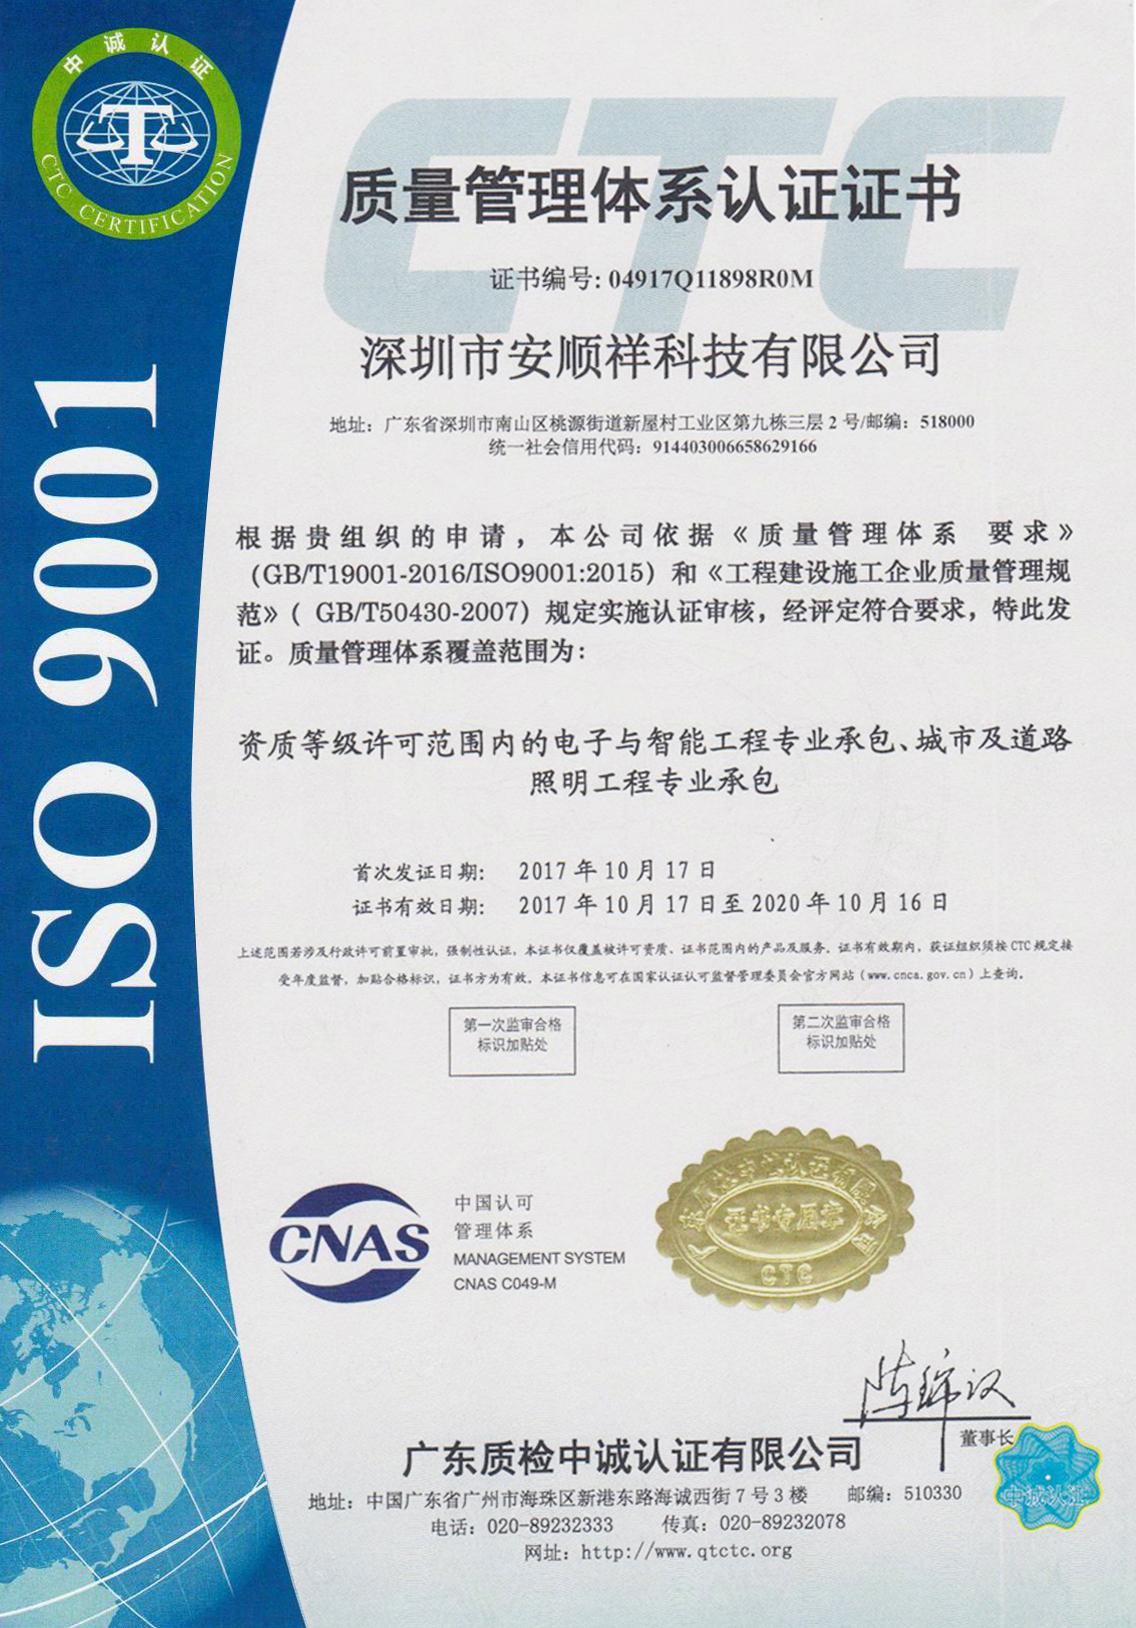 质量管理体系认证(电子照明).jpg